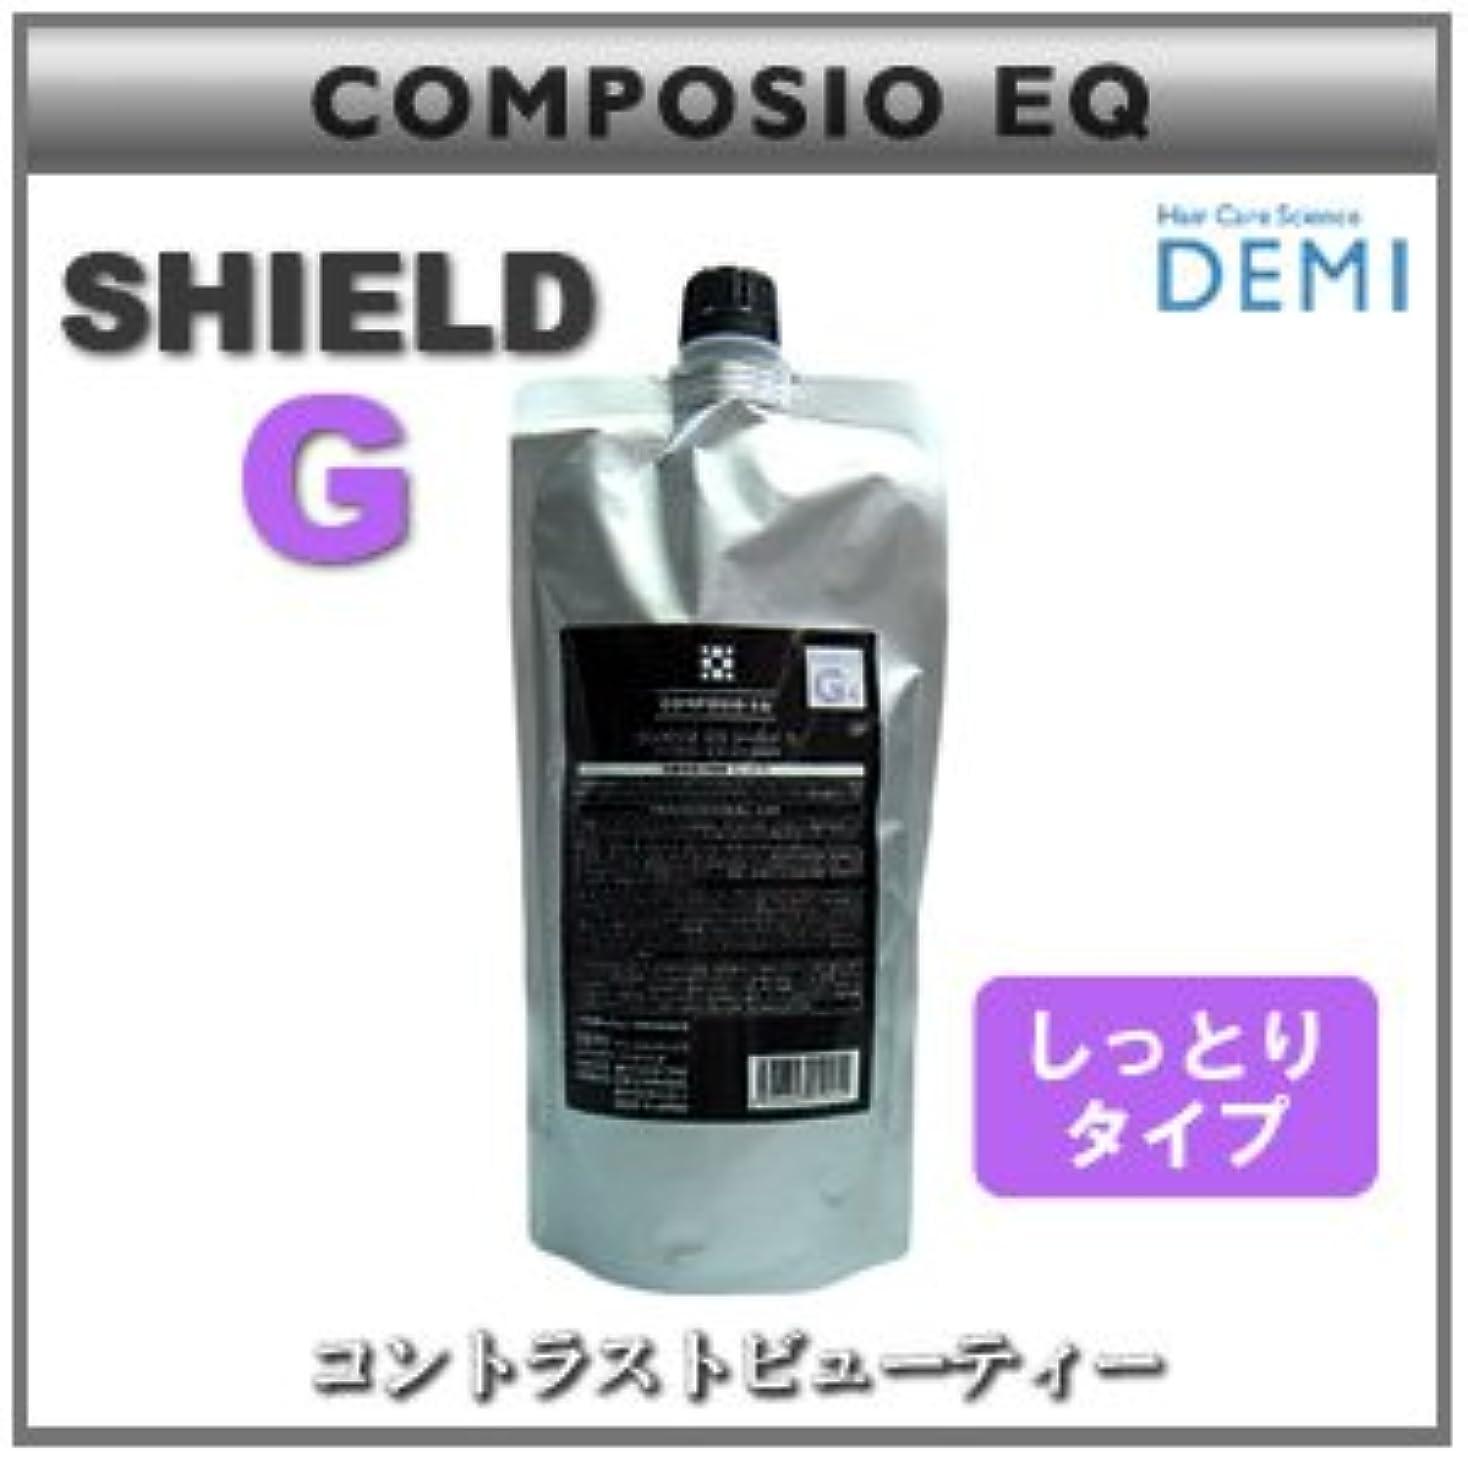 廃棄する神社以降【X5個セット】 デミ コンポジオ EQ シールド G 450g